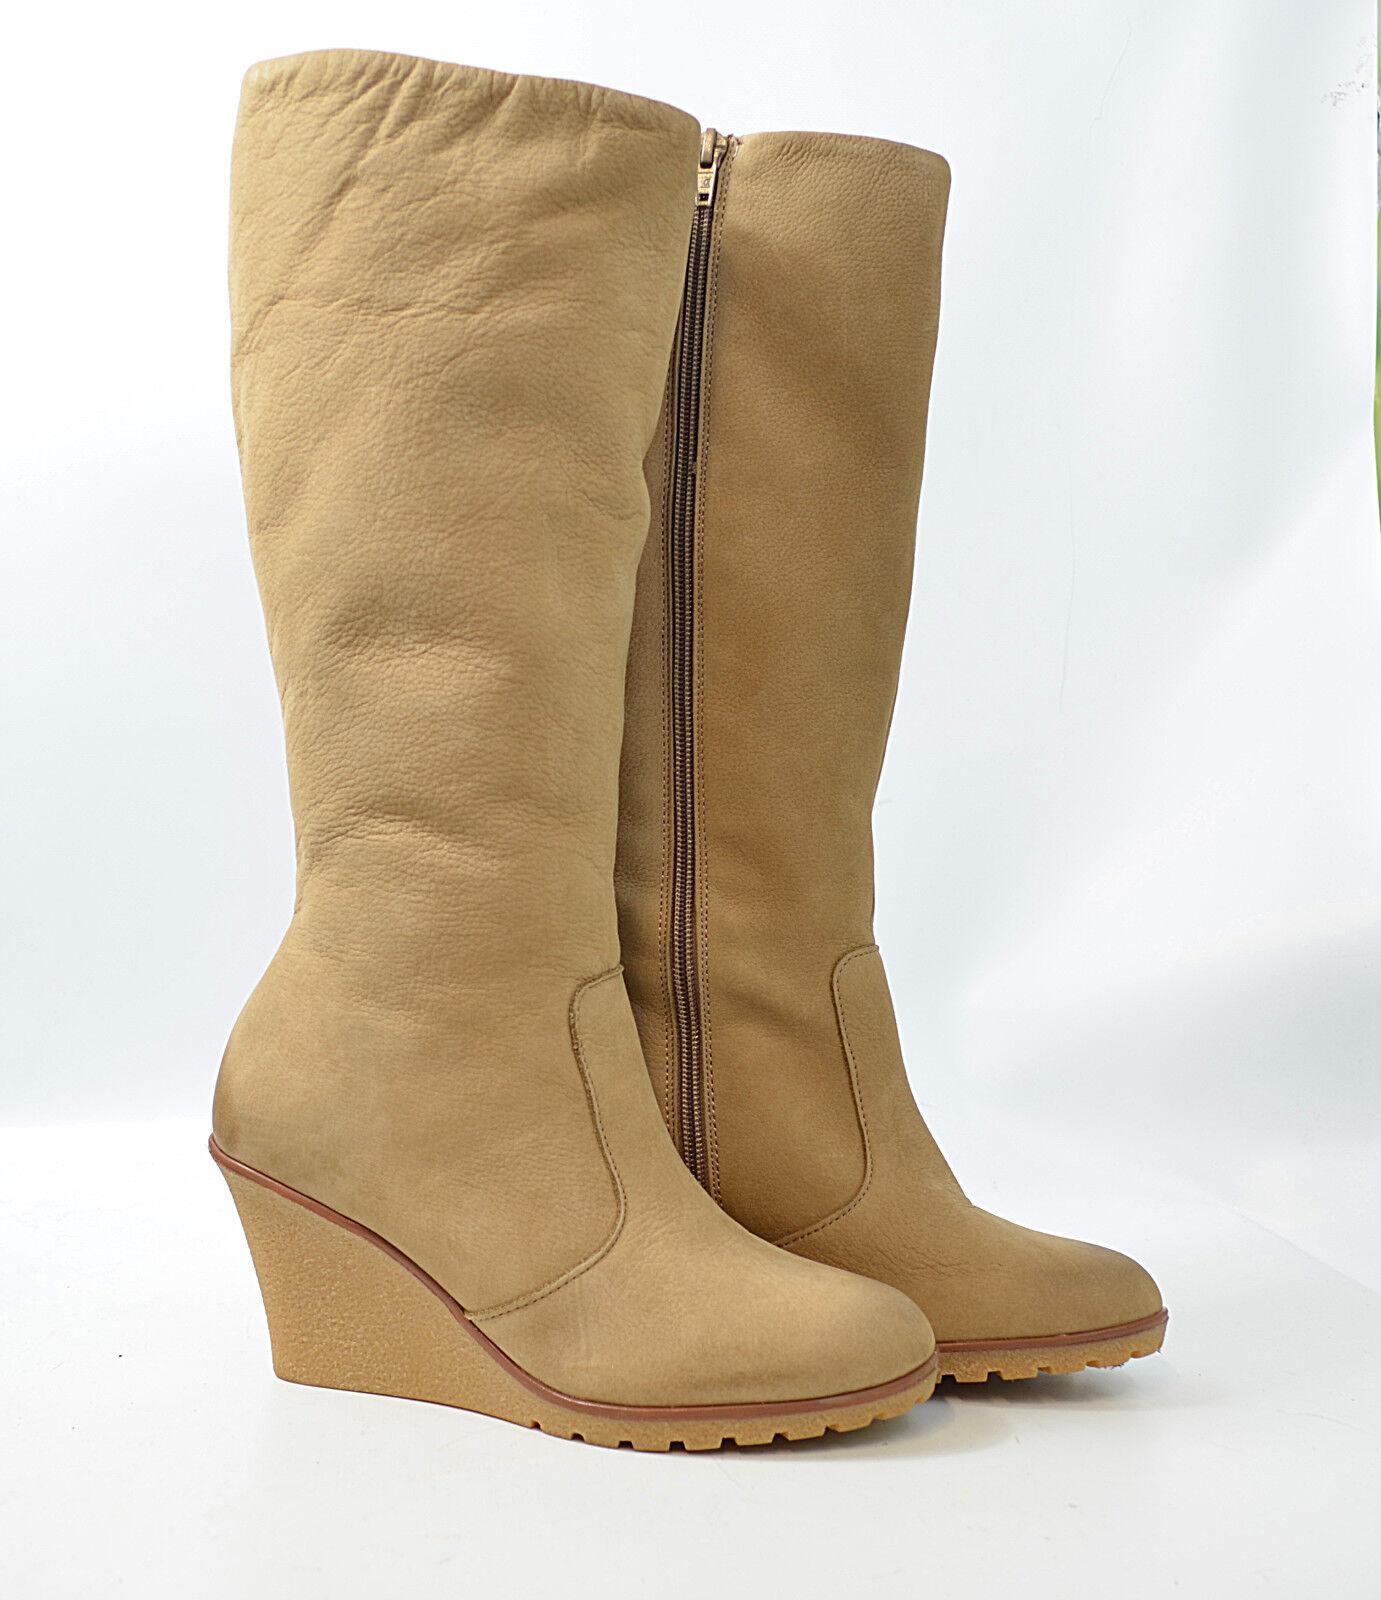 SAN MARINA Stiefel Gr. 36, 38, 40  Winter, Leder NP  Damen Schuhe 10/17 M4